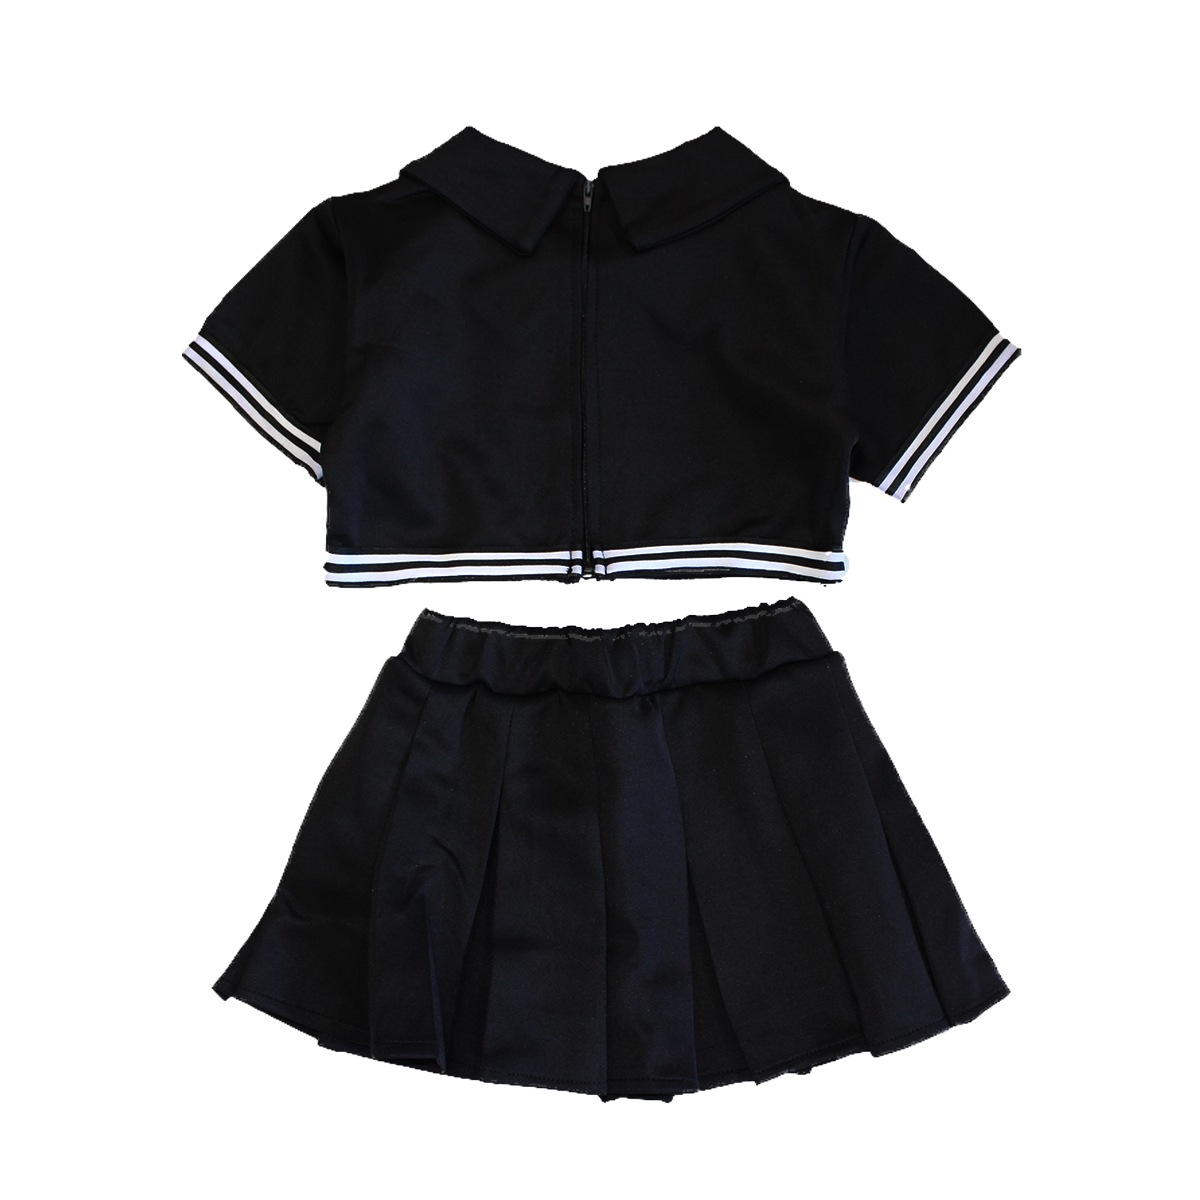 カラー 黒 ブラック バックスタイル